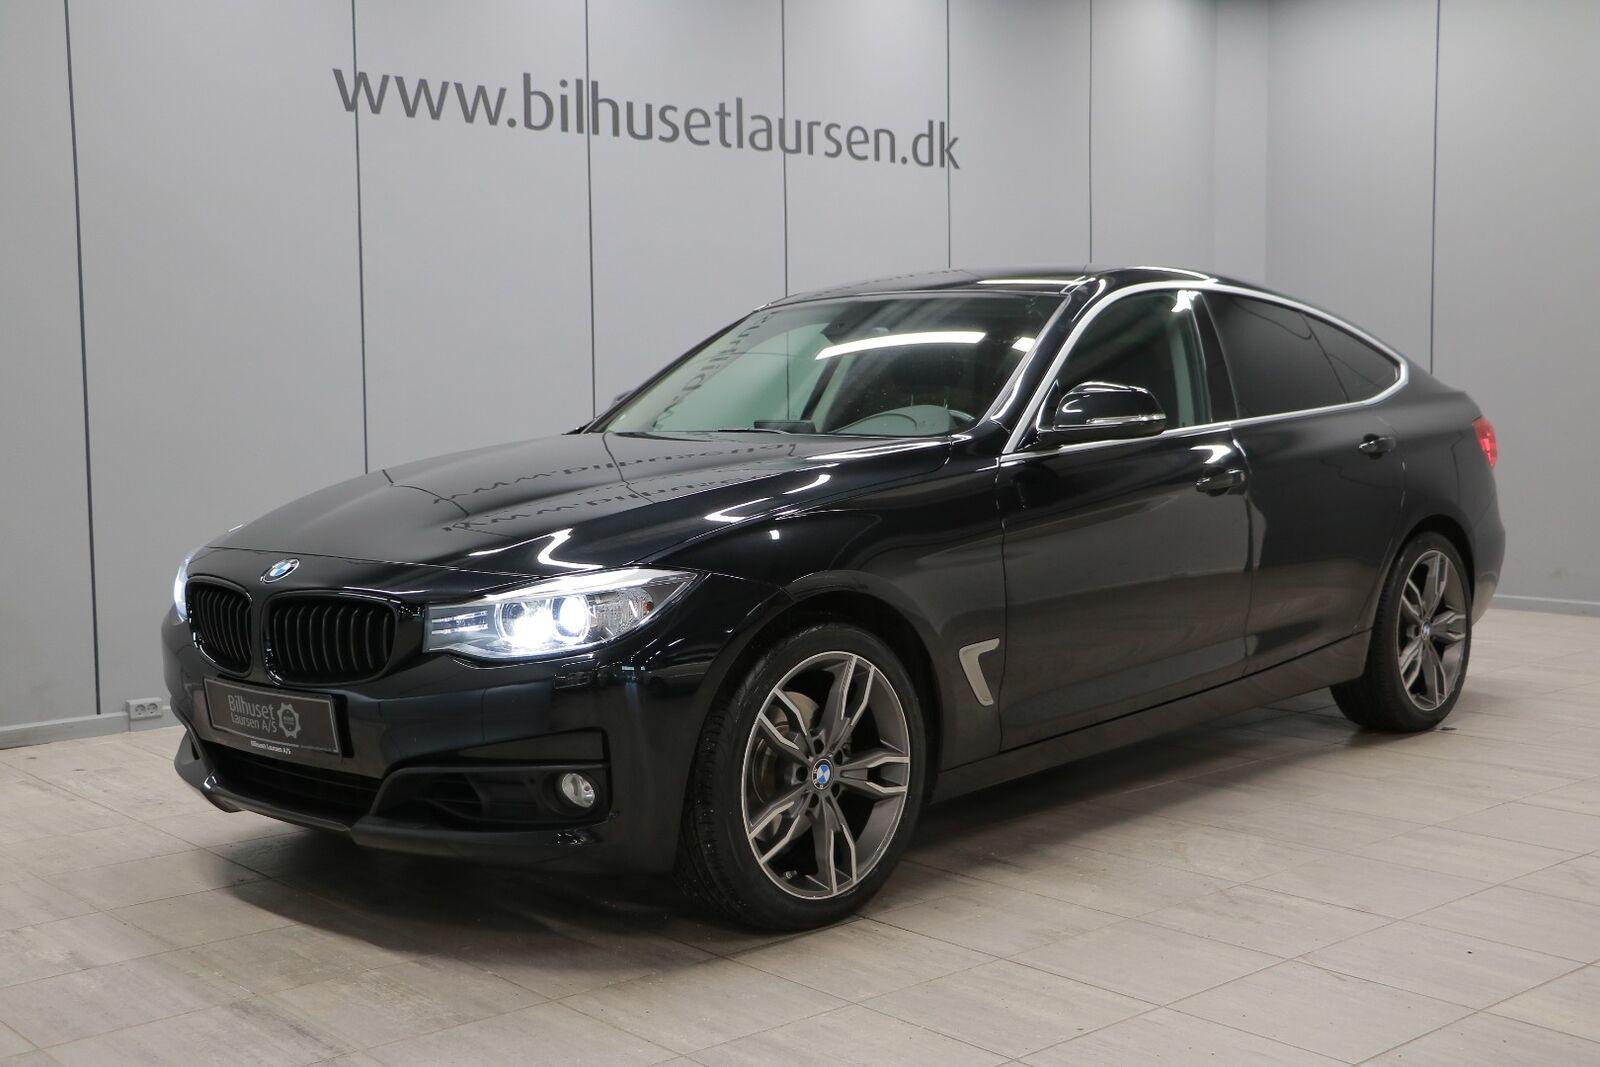 BMW 330d 3,0 Gran Turismo aut. 5d - 329.900 kr.